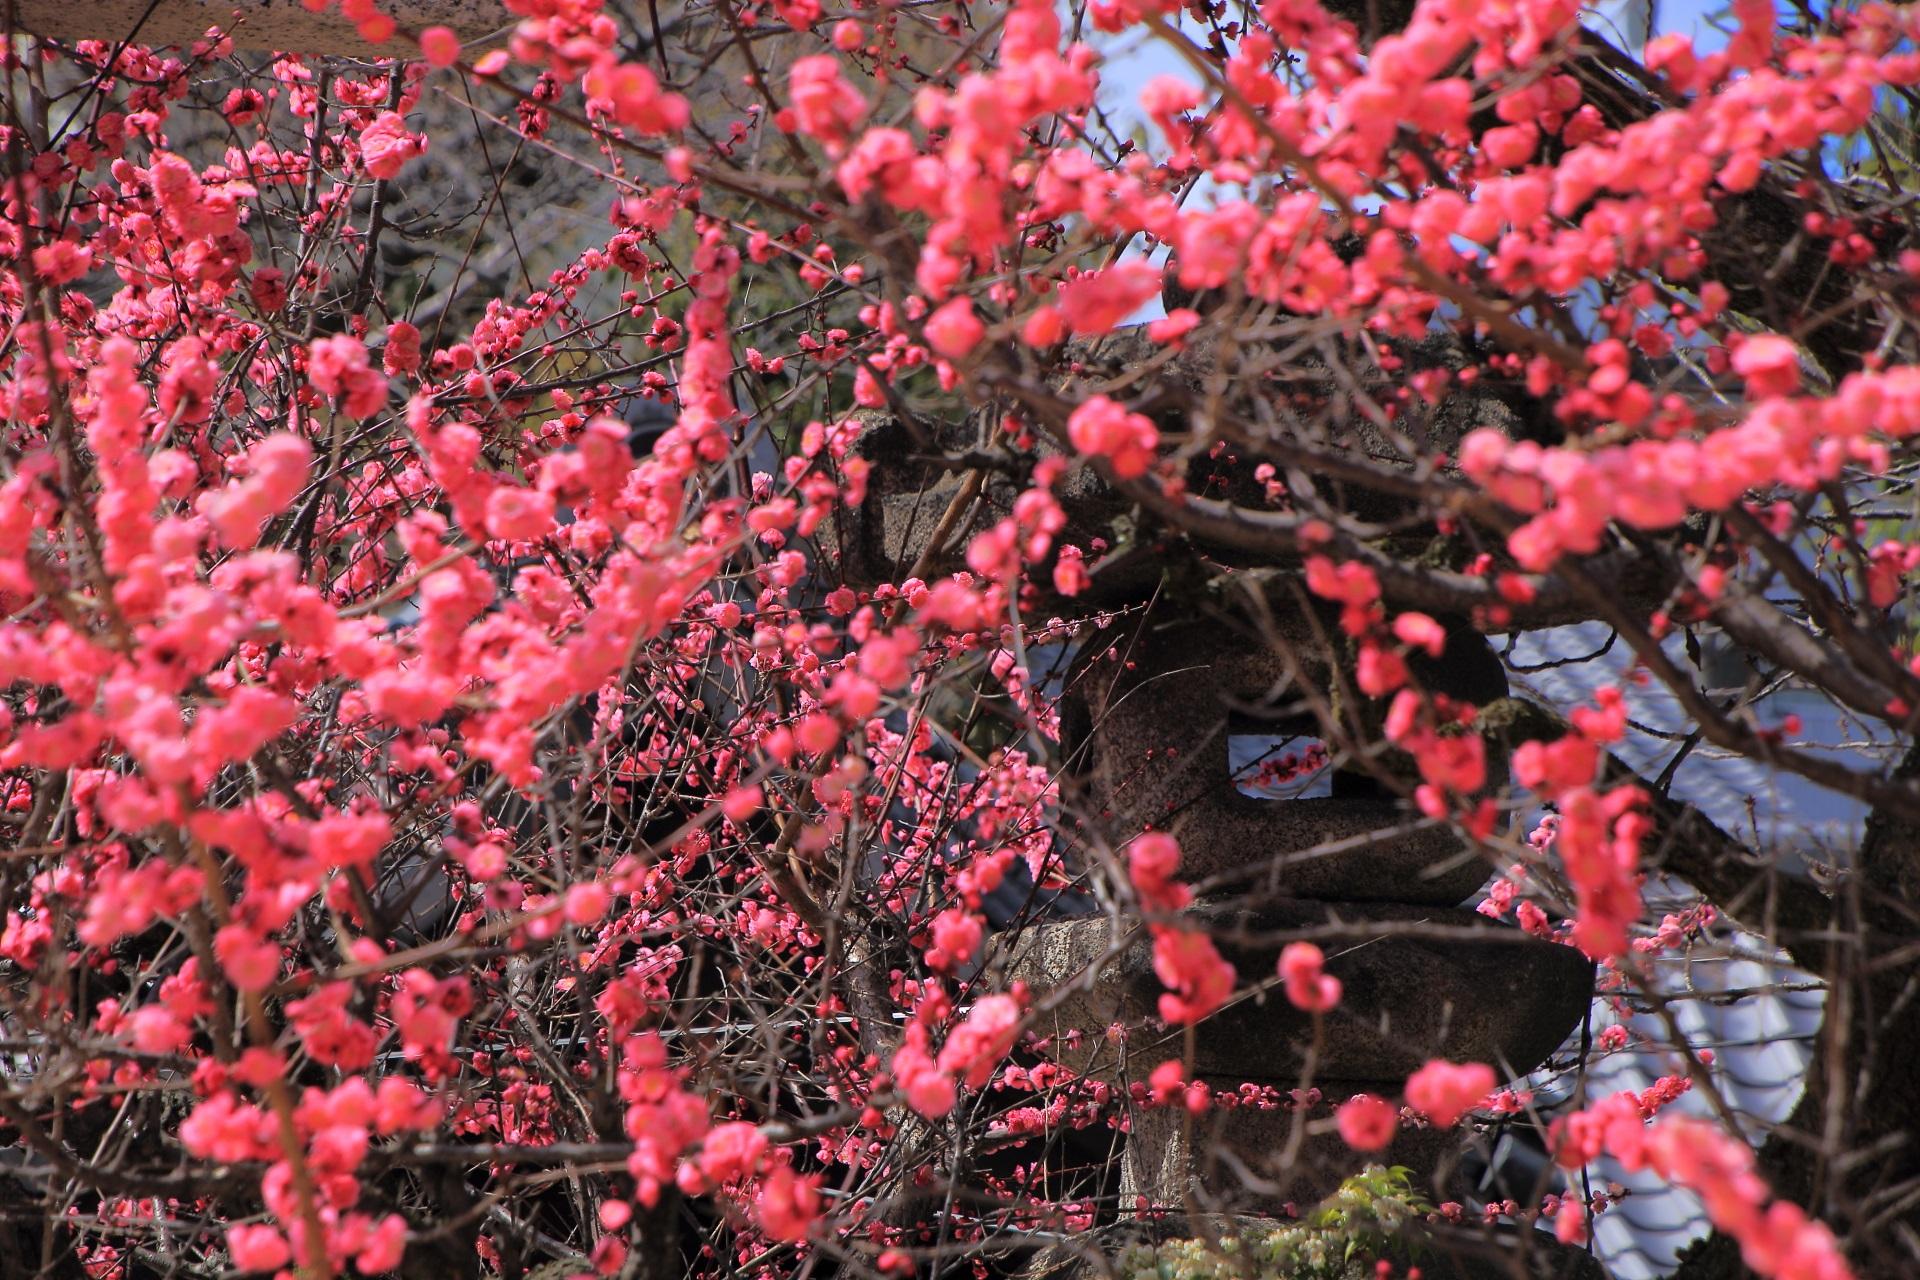 菅大臣神社の灯籠と梅の花